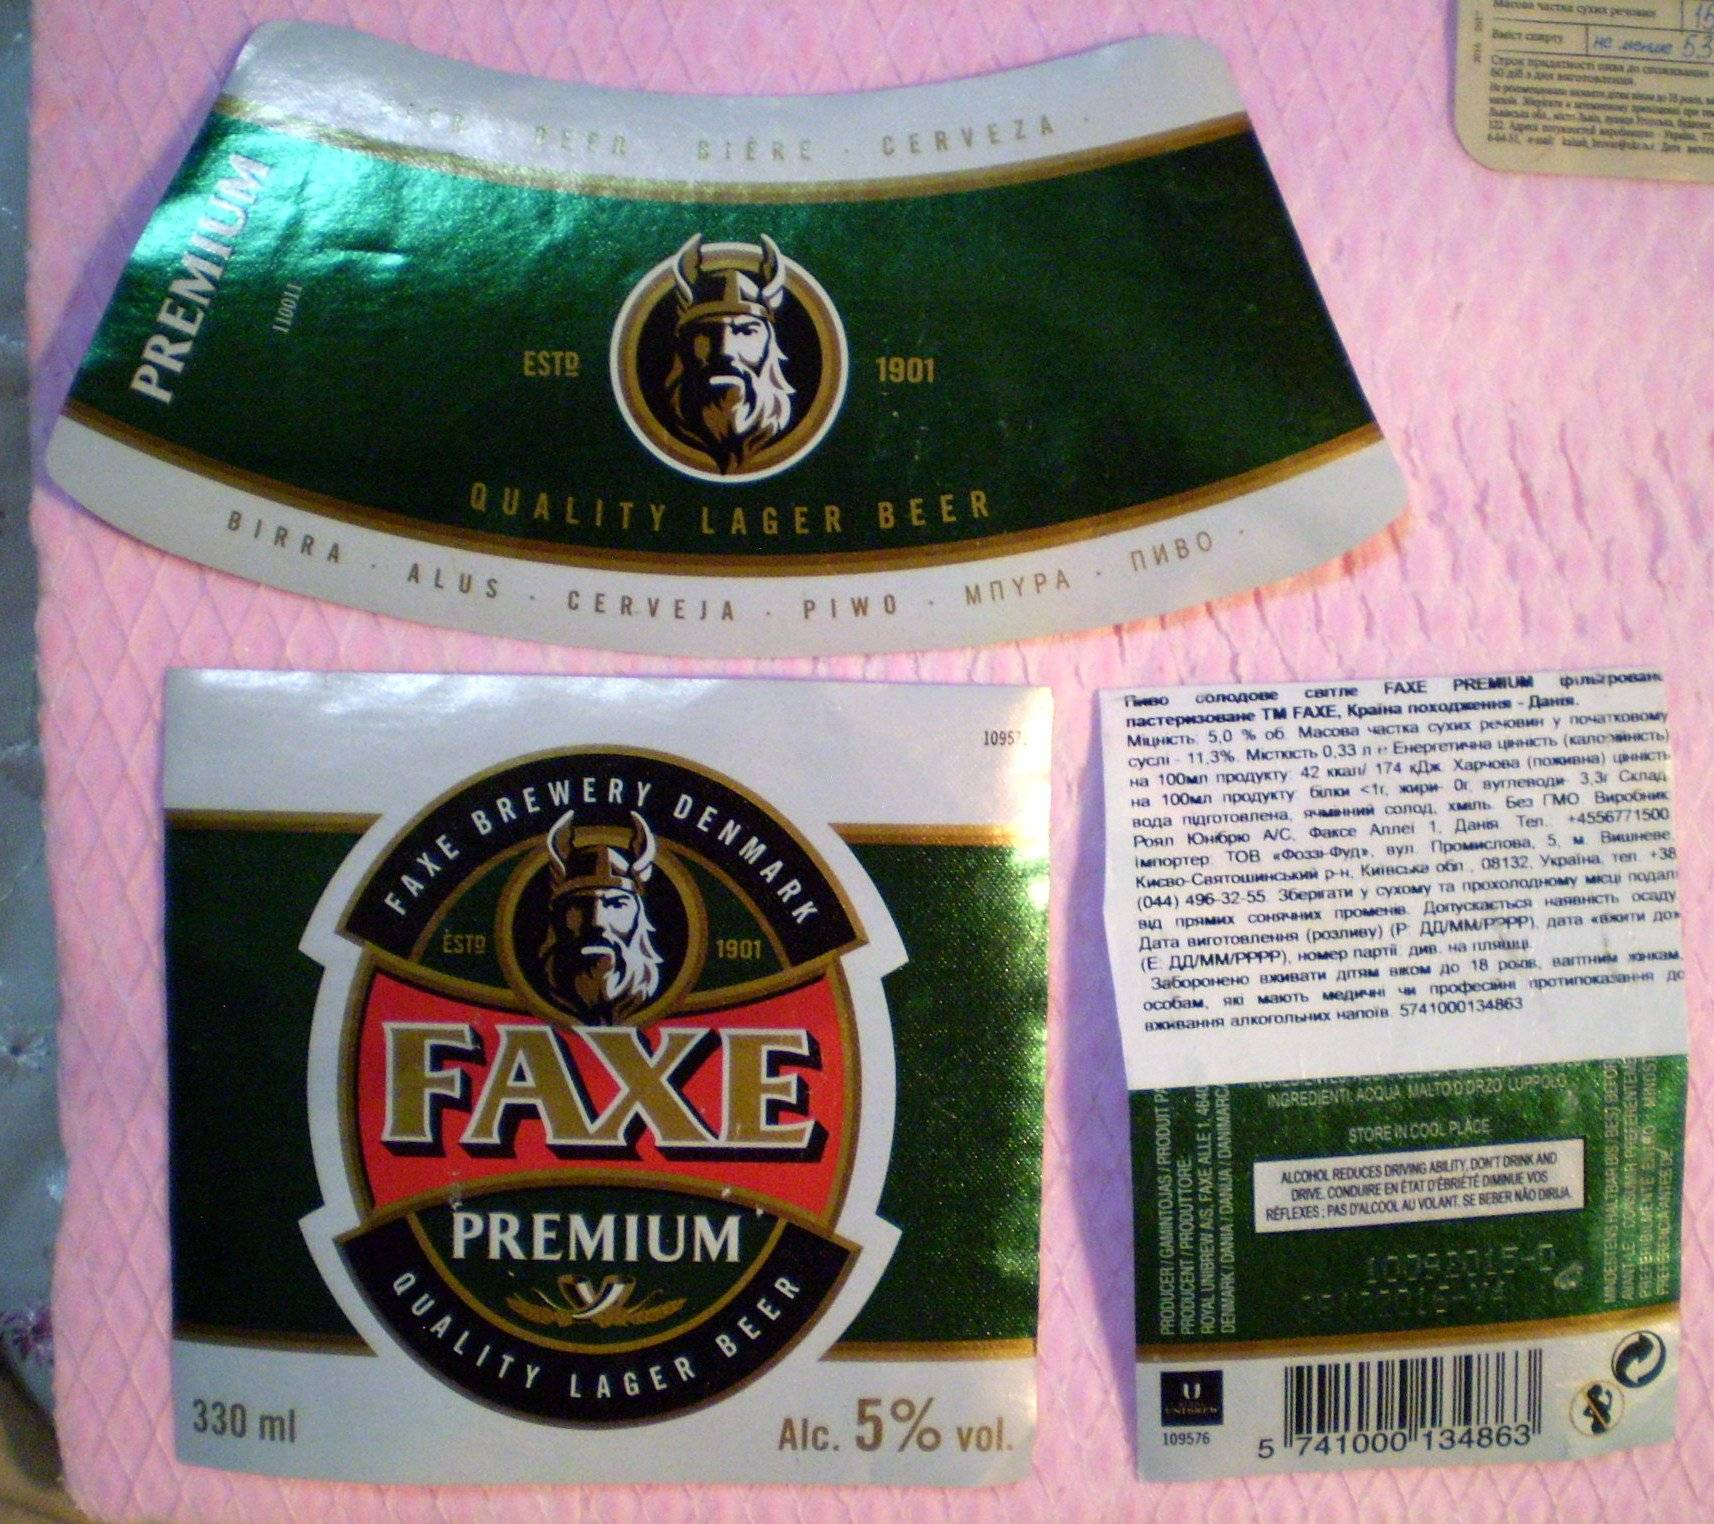 Пиво факс премиум | федеральный реестр алкогольной продукции | реестринформ 2020